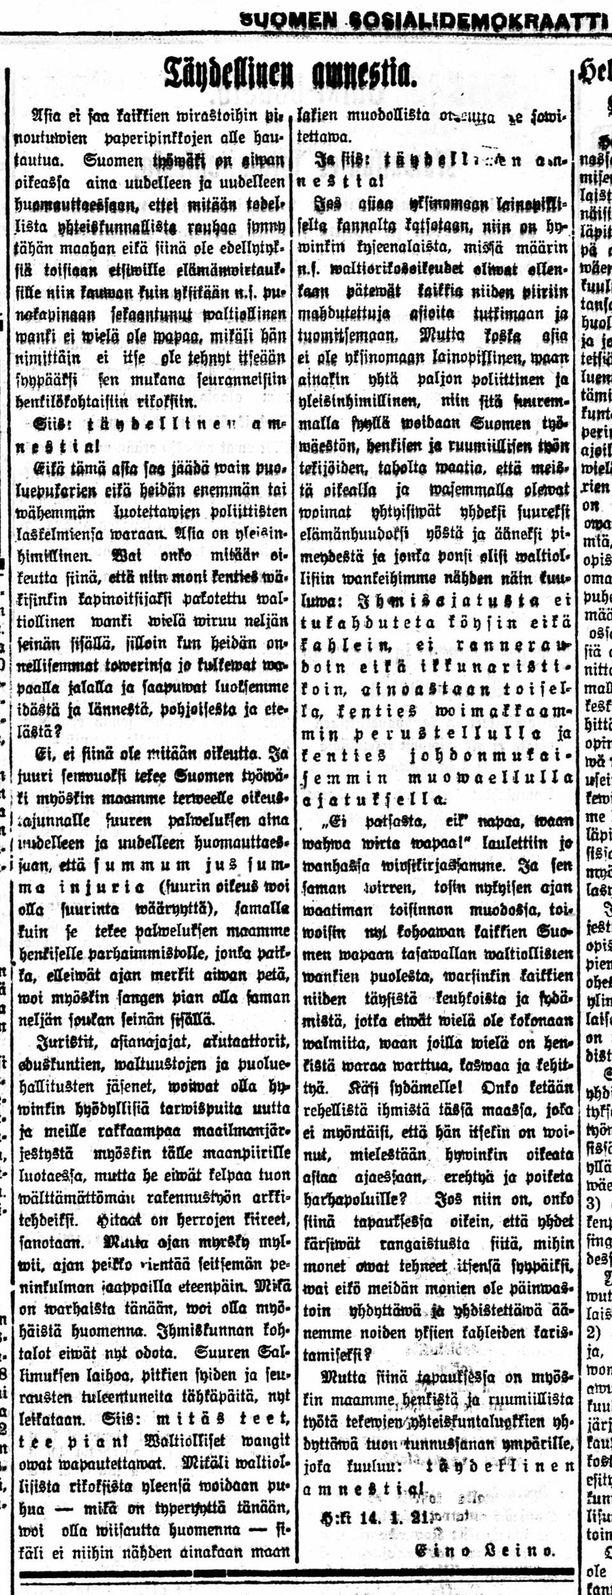 """Leinon odottamaton avaus julkaistiin Suomen Sosialidemokraatissa 15.1.1921 otsikolla """"Yleinen amnestia""""."""